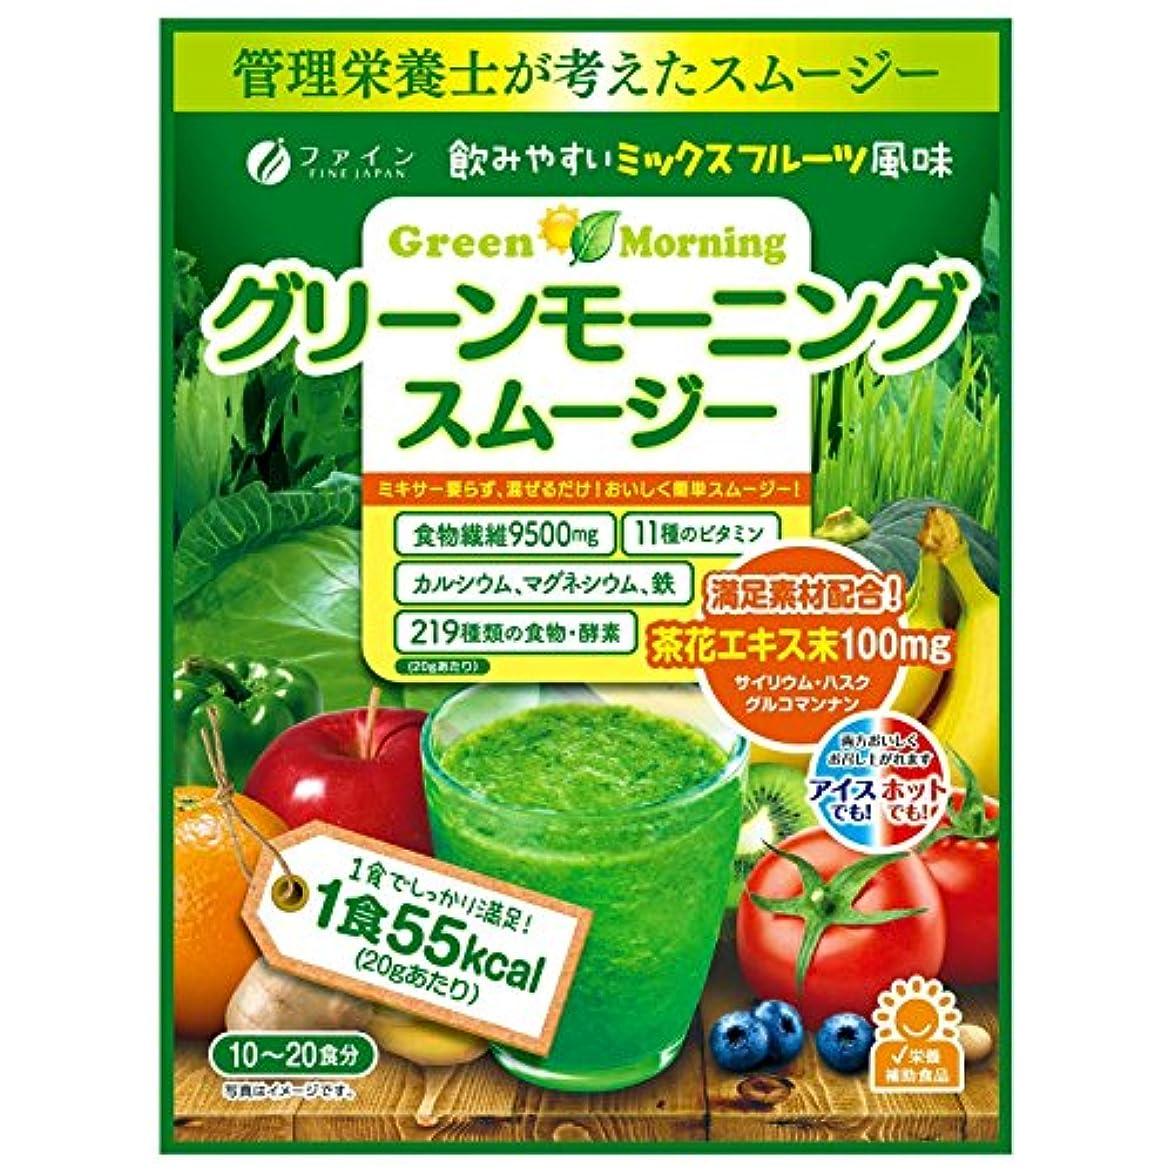 無駄チャンス聖域ファイン グリーンモーニングスムージー ミックスフルーツ風味 200g×4個セット